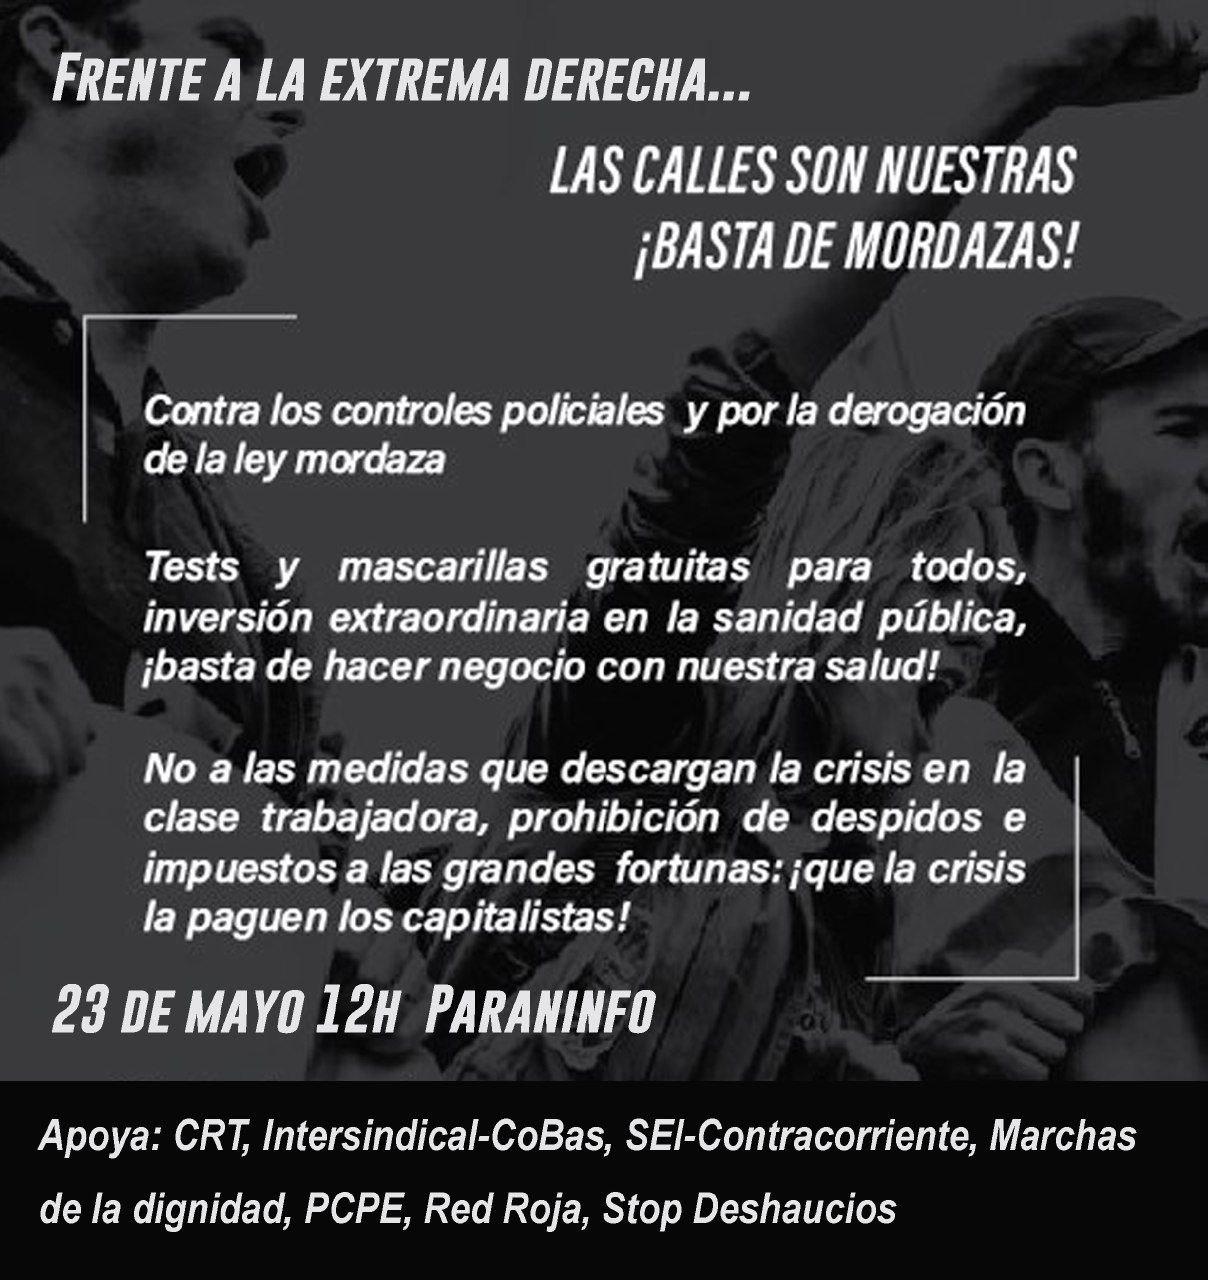 ¡Las calles son nuestras! Sábado 23 de Mayo. 12:00 h Paraninfo. Zaragoza